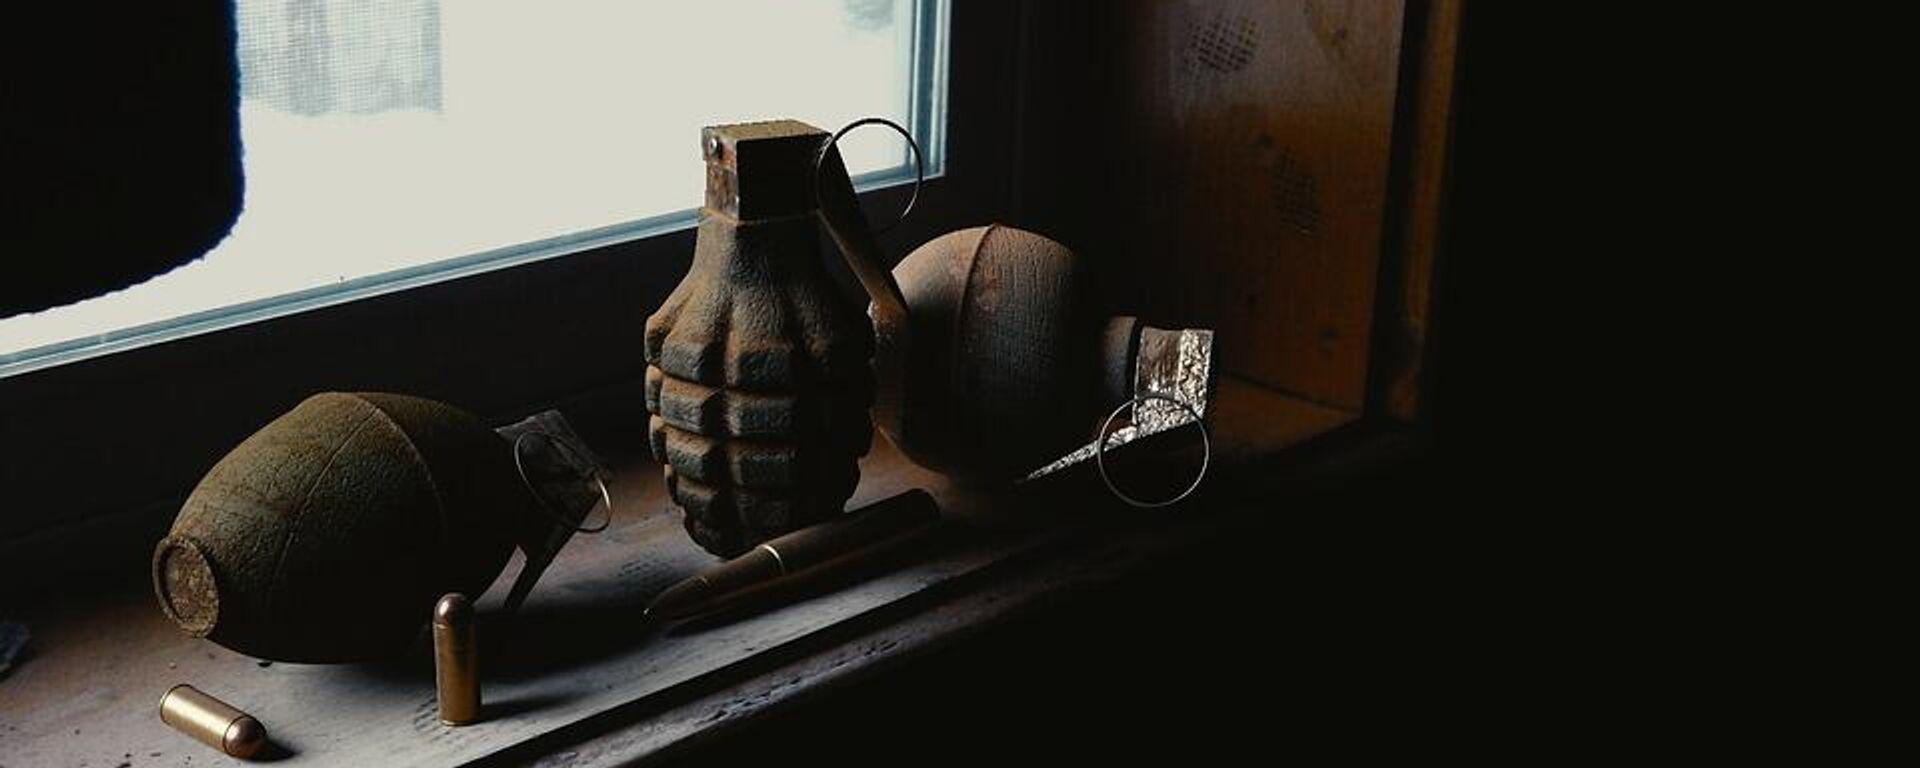 Χειροβομβίδες και σφαίρες - Sputnik Ελλάδα, 1920, 21.09.2021